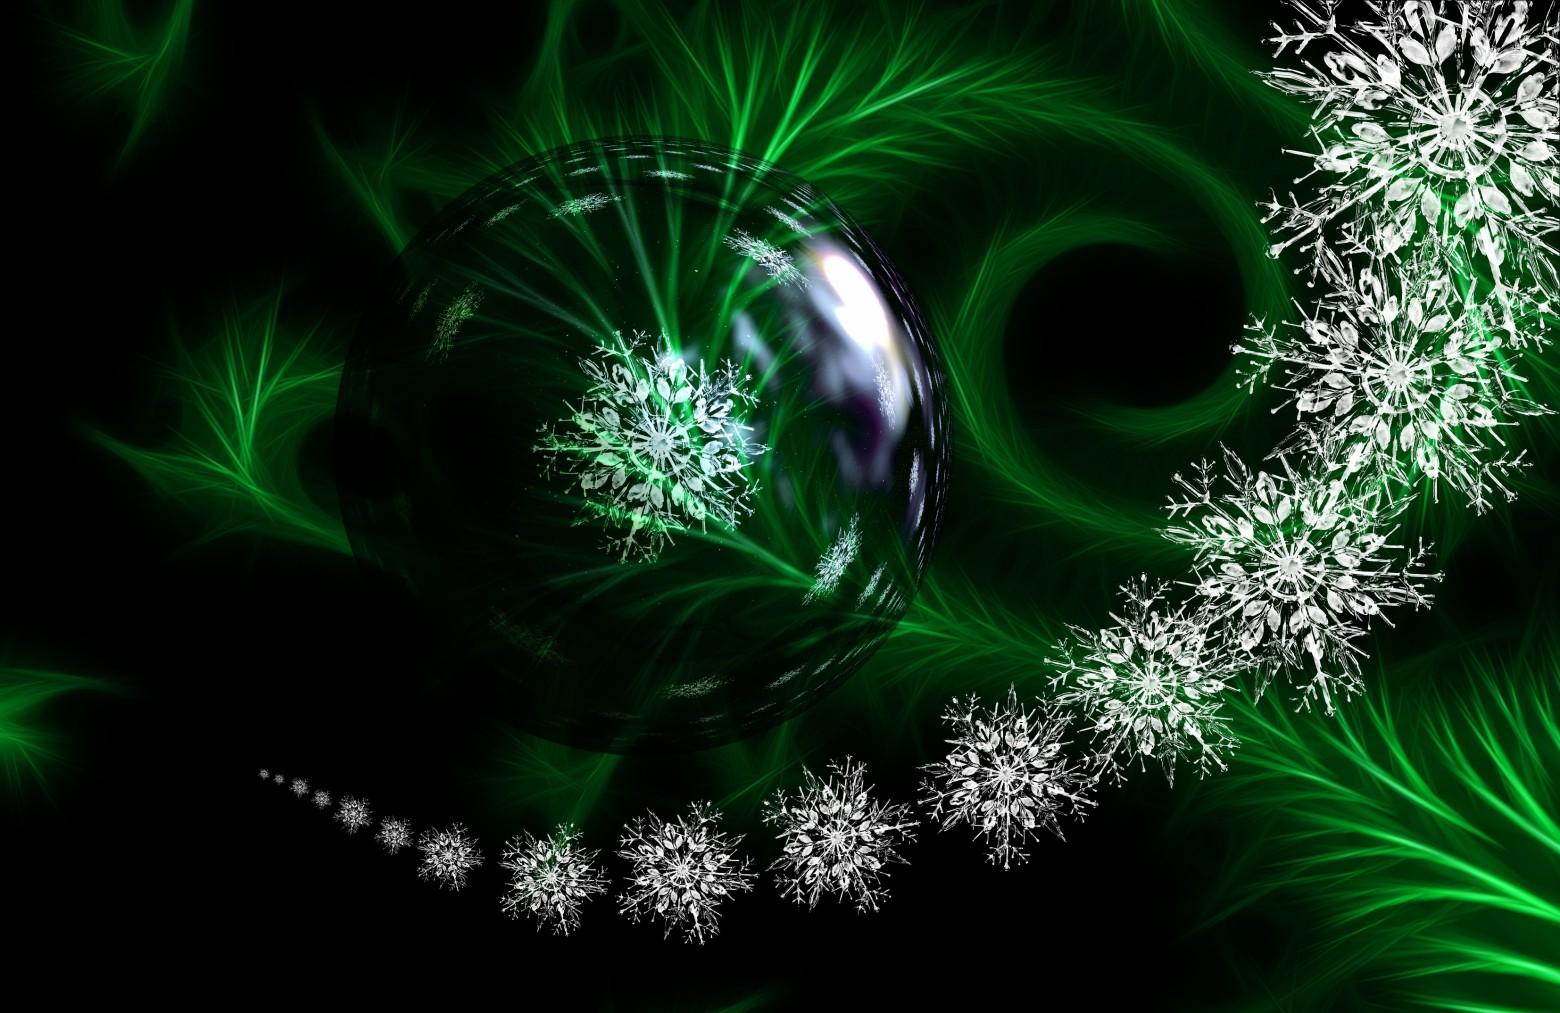 Noel images gratuites images gratuites et libres de droits - Images creches de noel gratuites ...